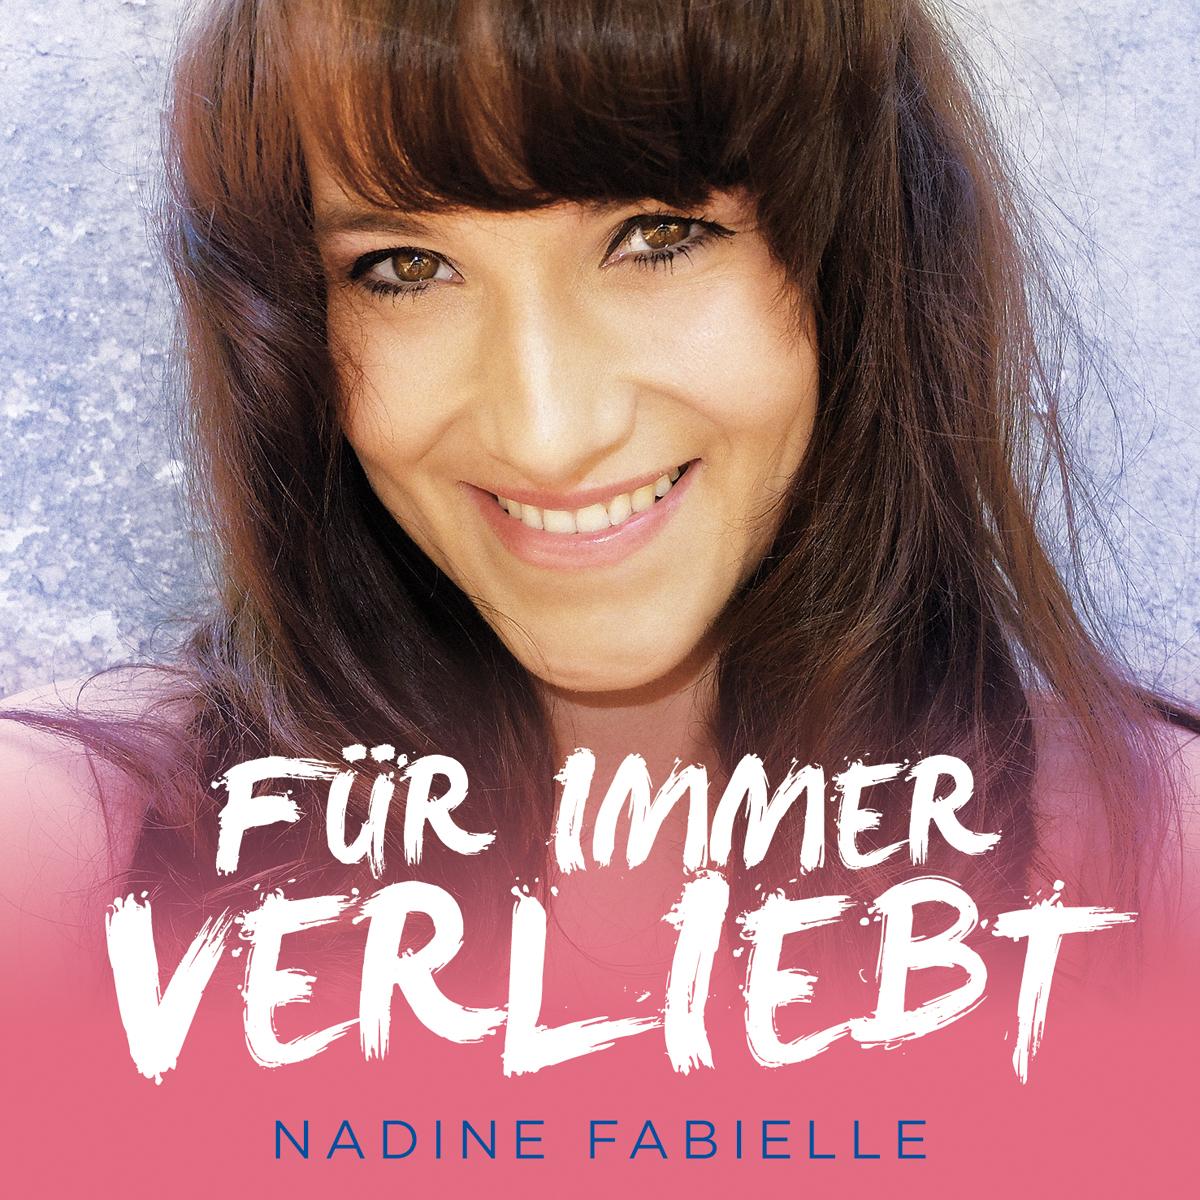 NADINE FABIELLE - Für Immer Verliebt (DA Music)